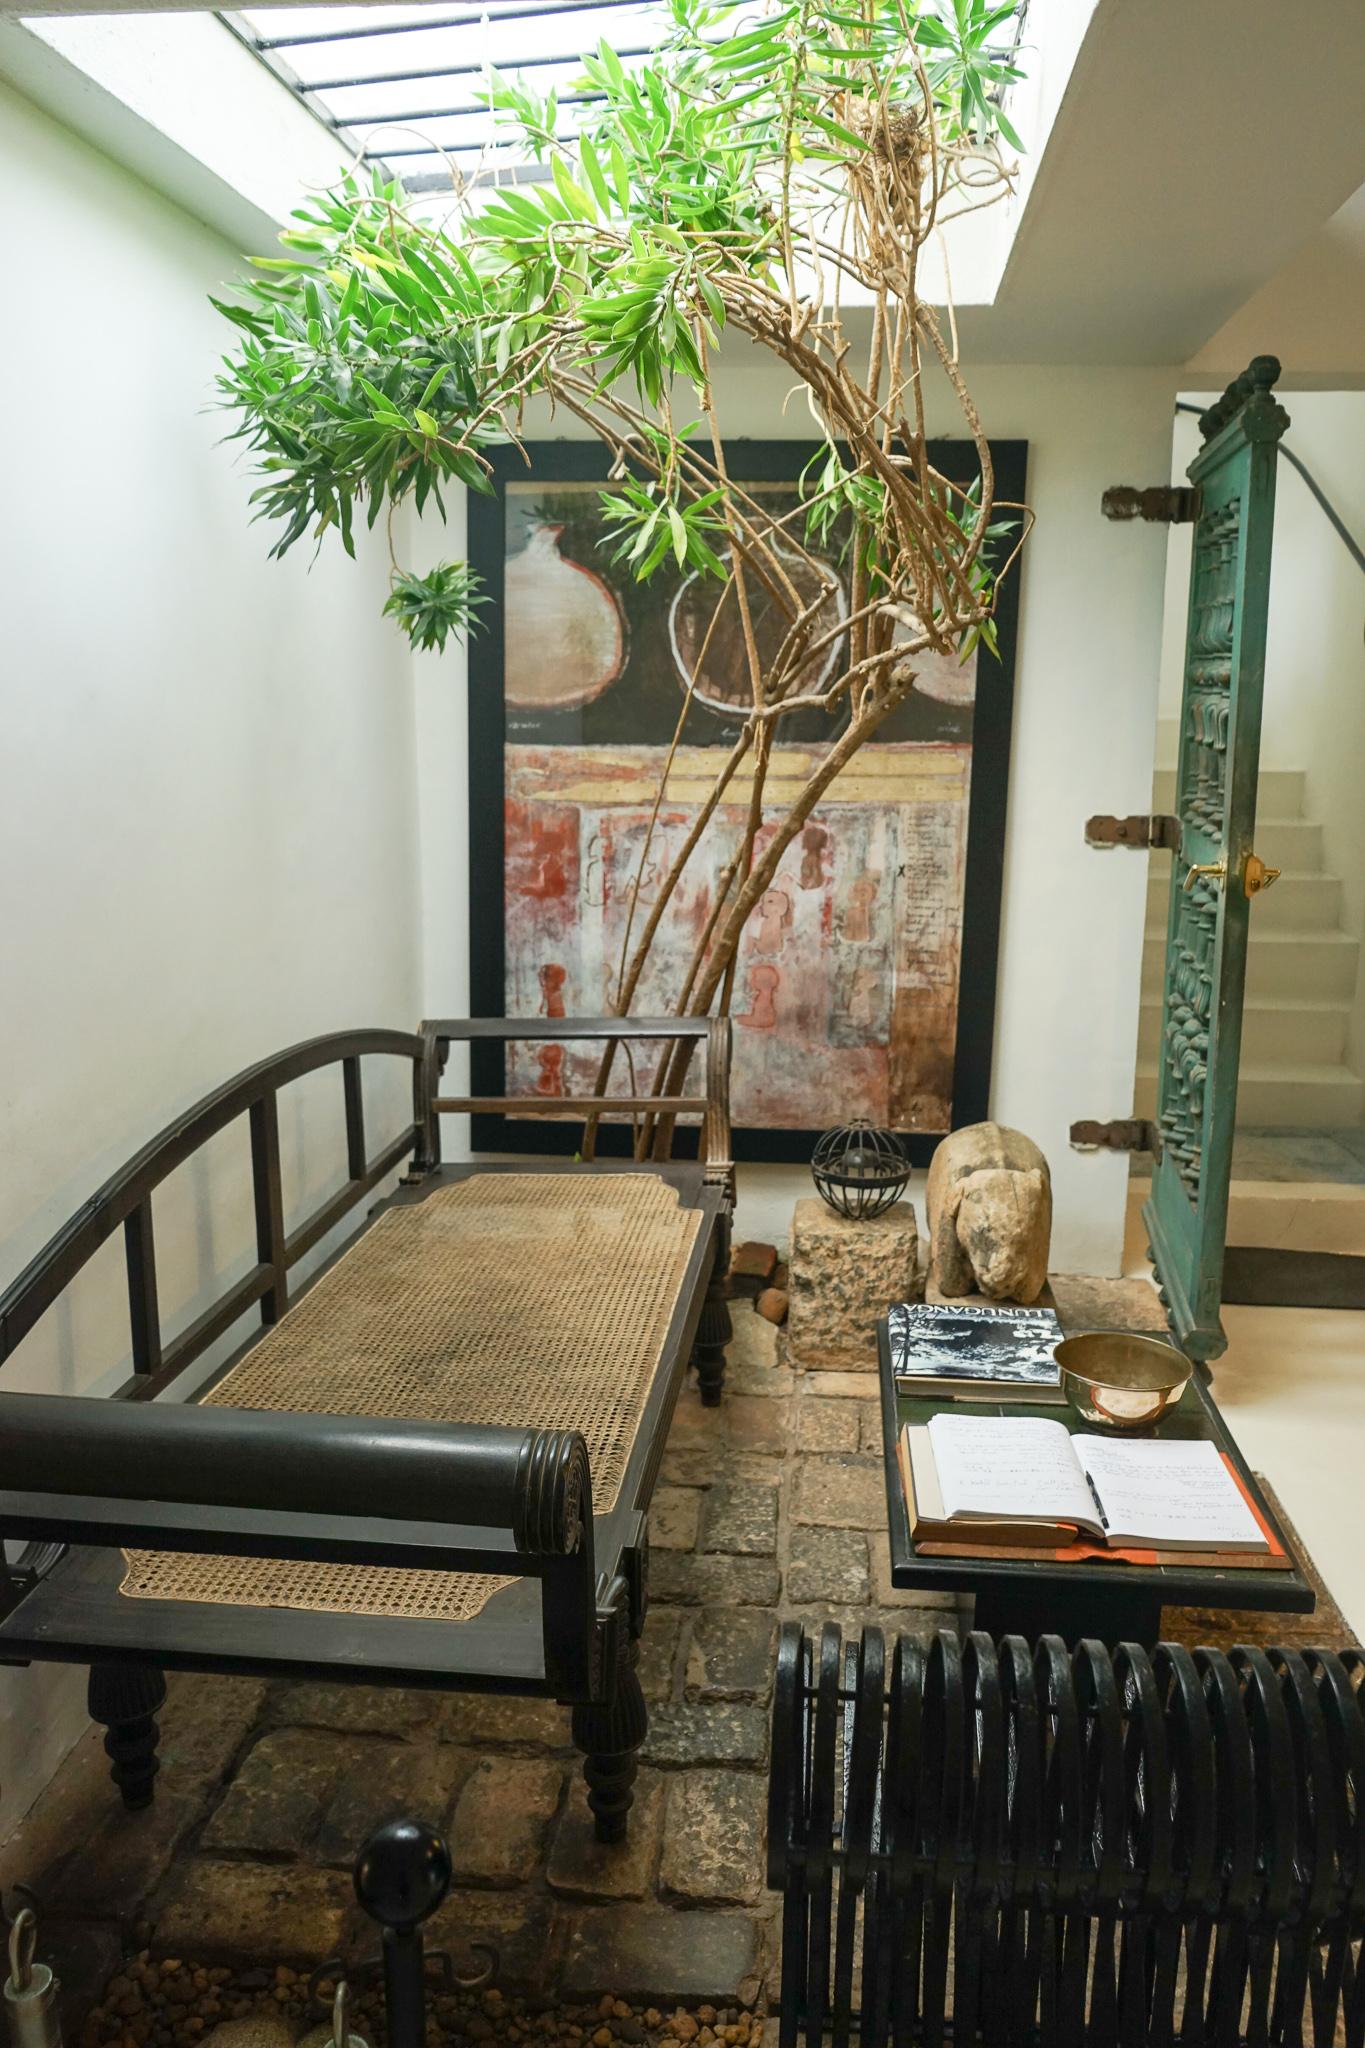 Bawa house: seating at entrance